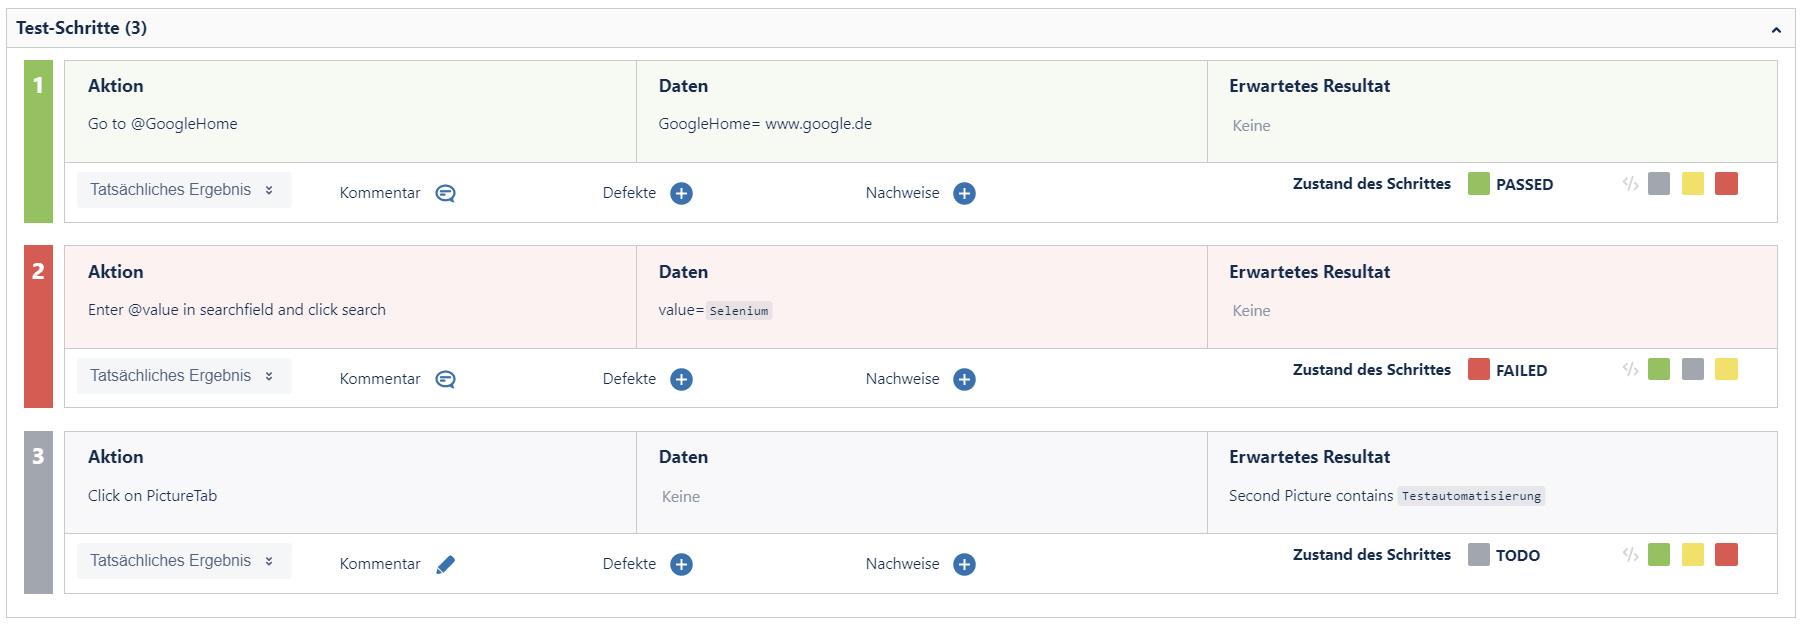 Ausführungsdetails der Testschritte in Xray